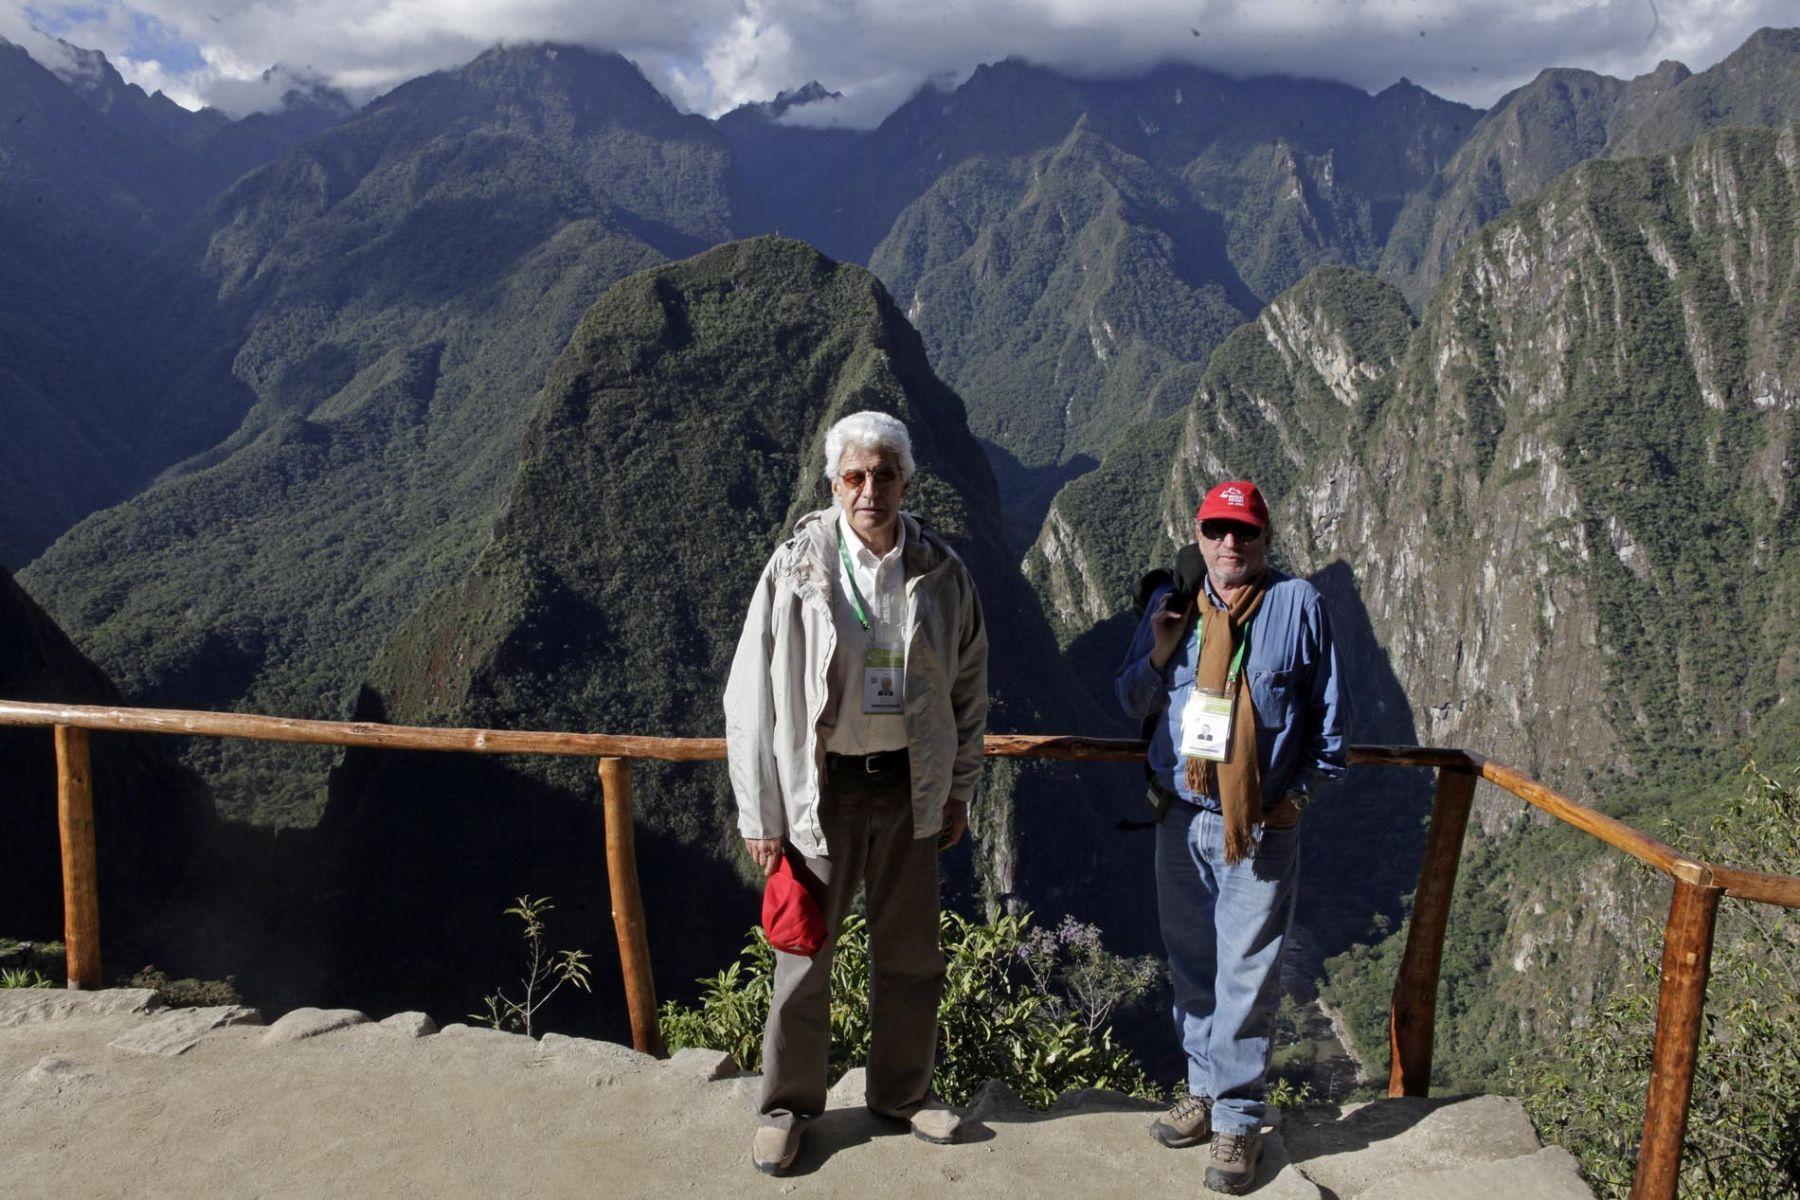 El presidente de la comisión de alto nivel encargada de los festejos por el centenario de Machu Picchu, Ricardo Vega Llona; y el viceministro de Patrimonio Cultural e Industrias Culturales, Bernardo Roca Rey. Foto: ANDINA / Alberto Orbegoso.